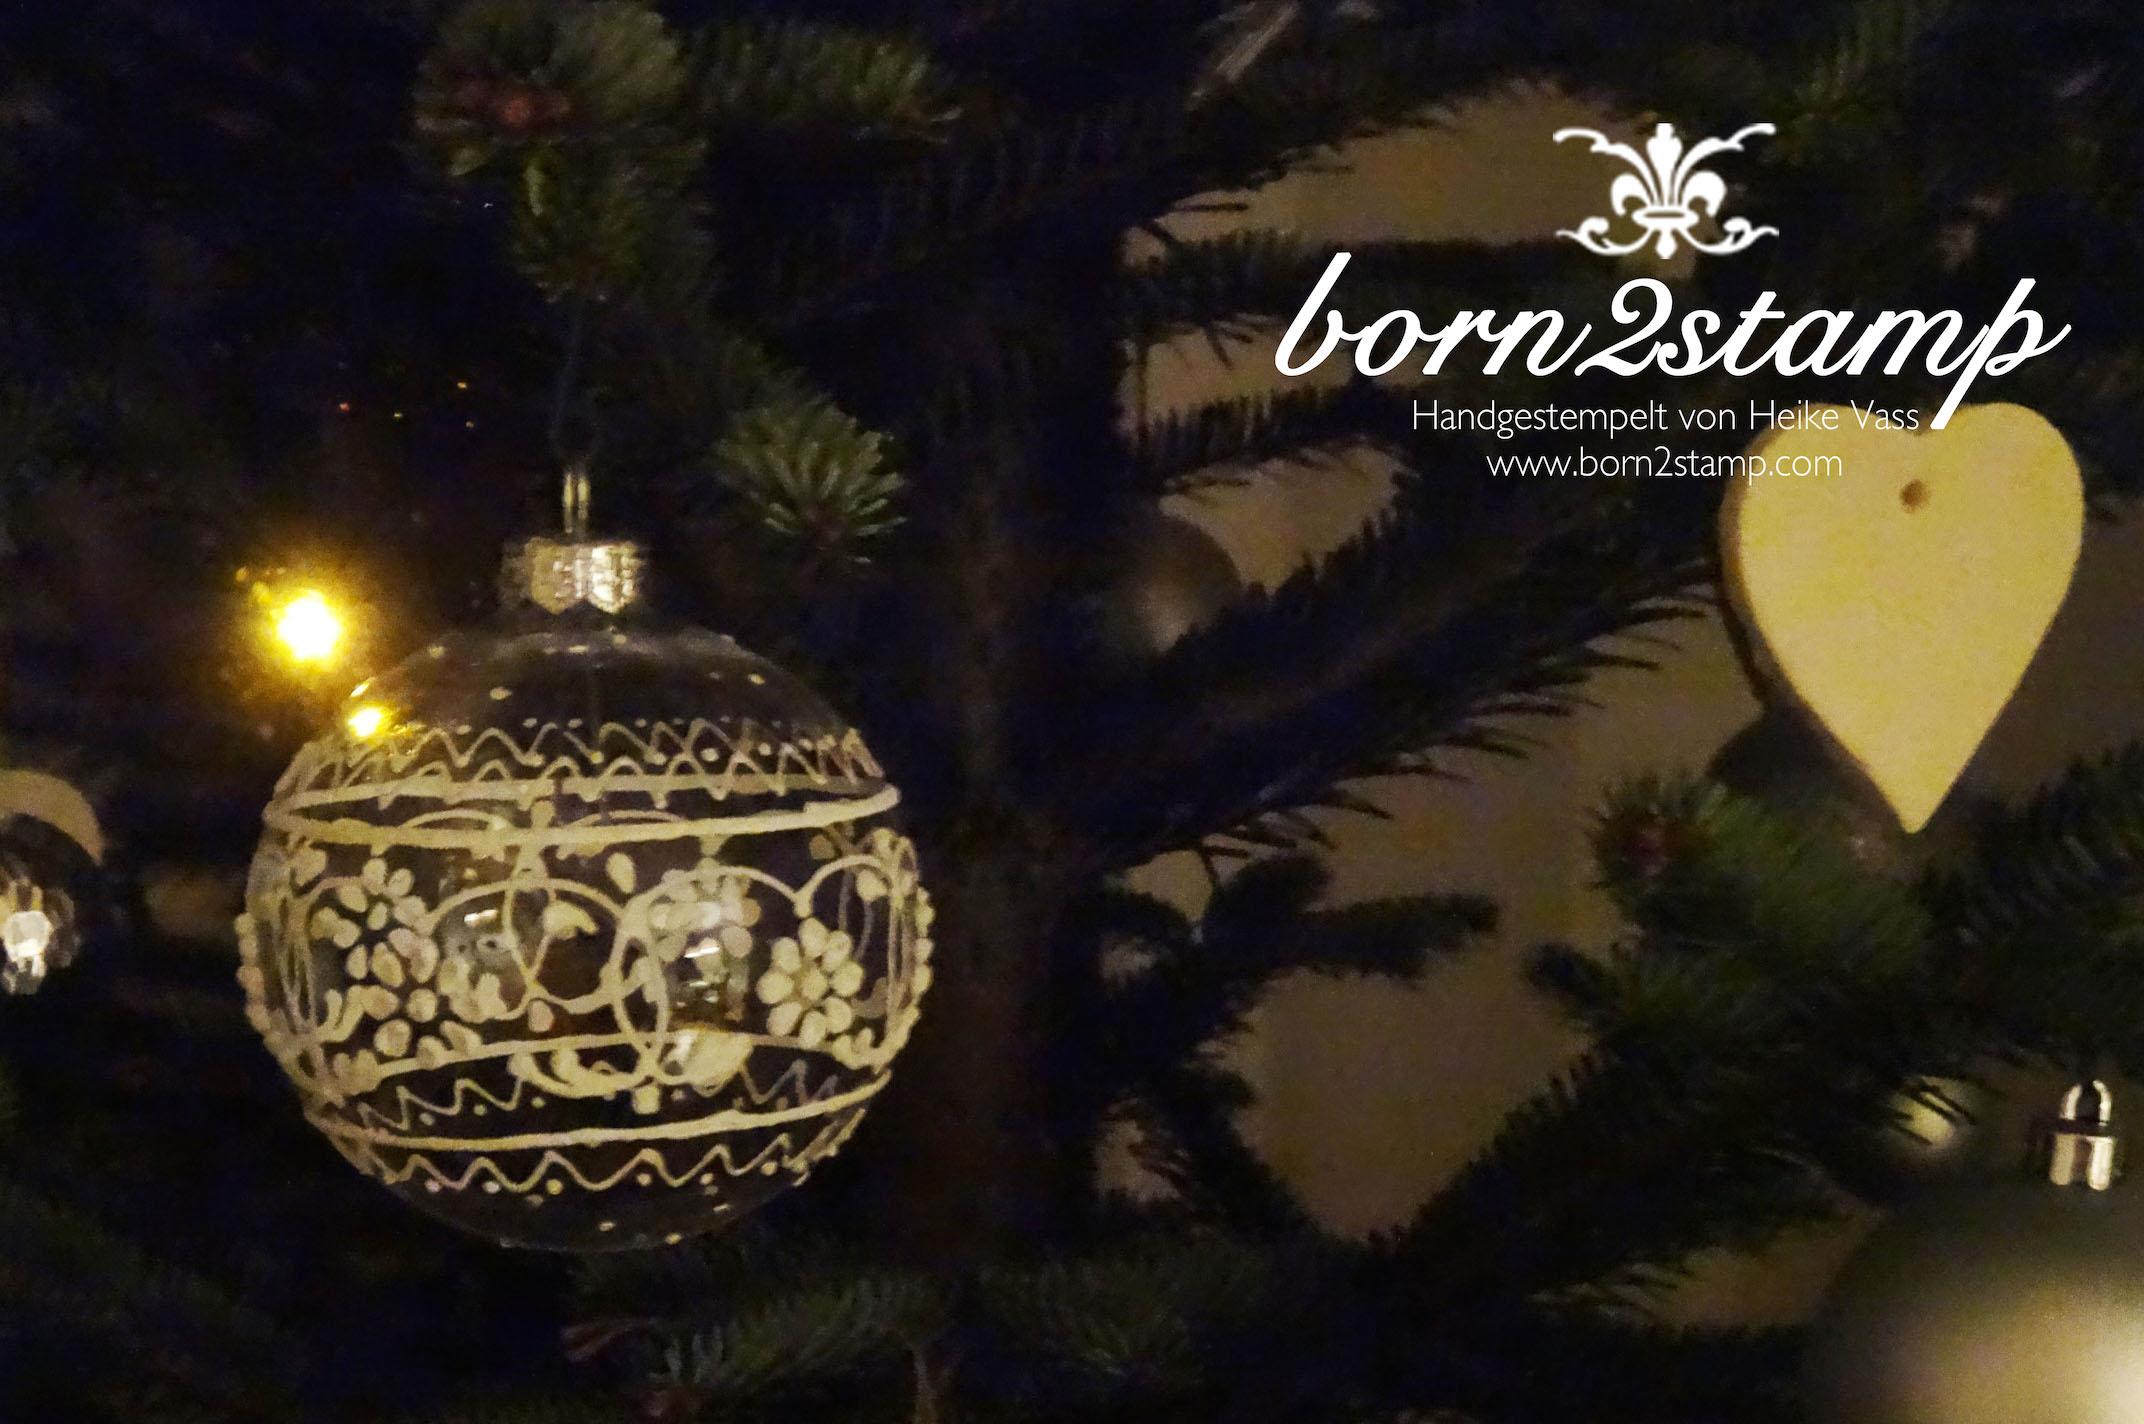 born2stamp Weihnachtsbaum 2014